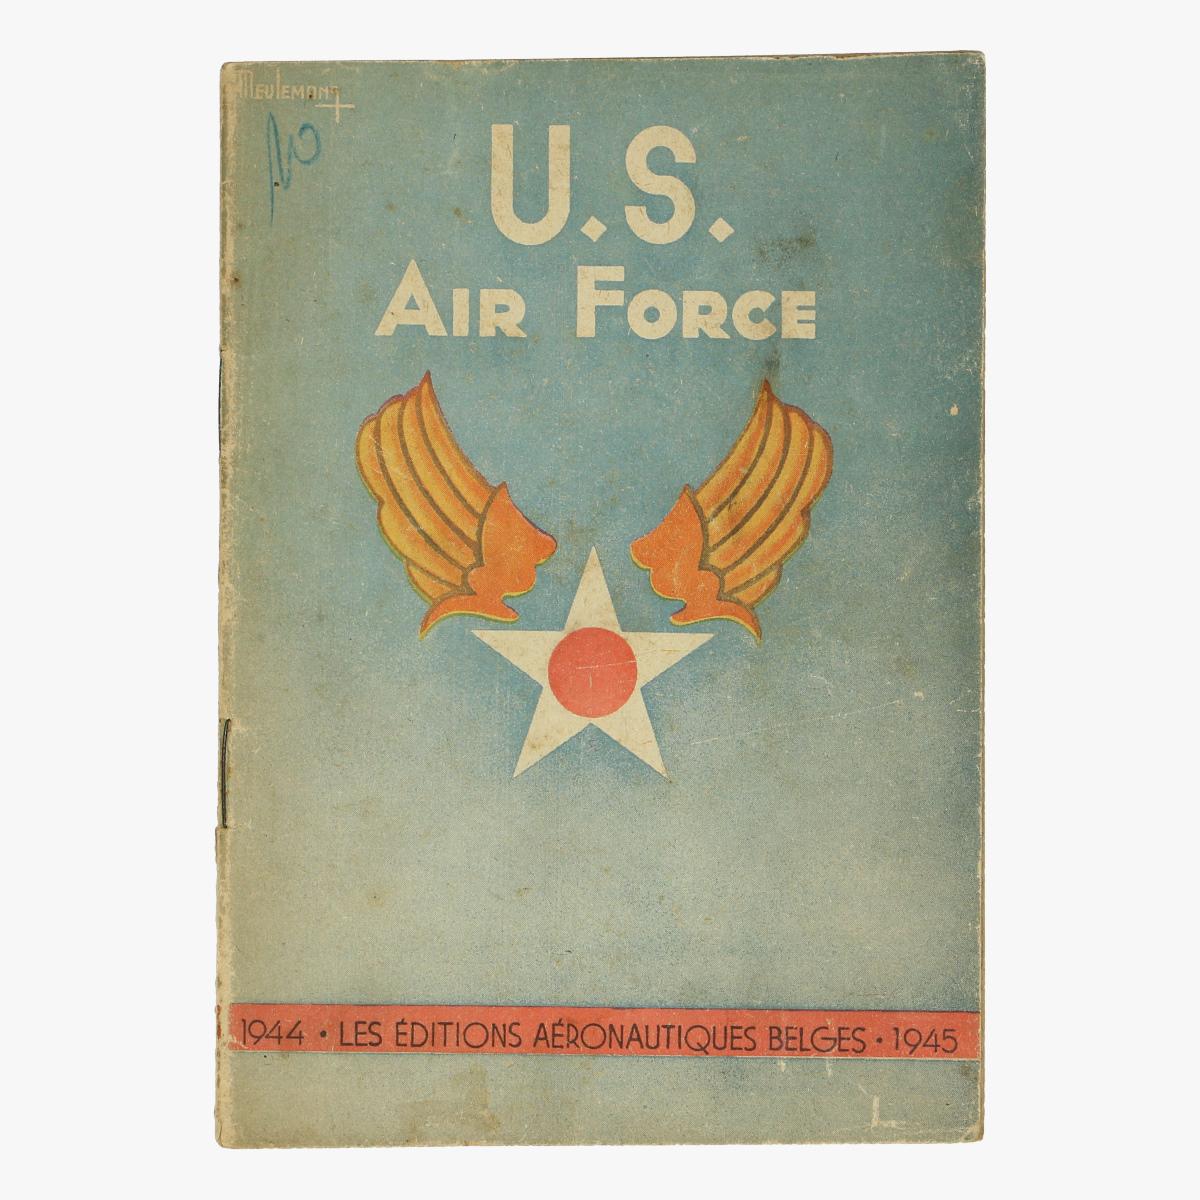 Afbeeldingen van u.s air force 1944. les editions aeronautiques belges.1945